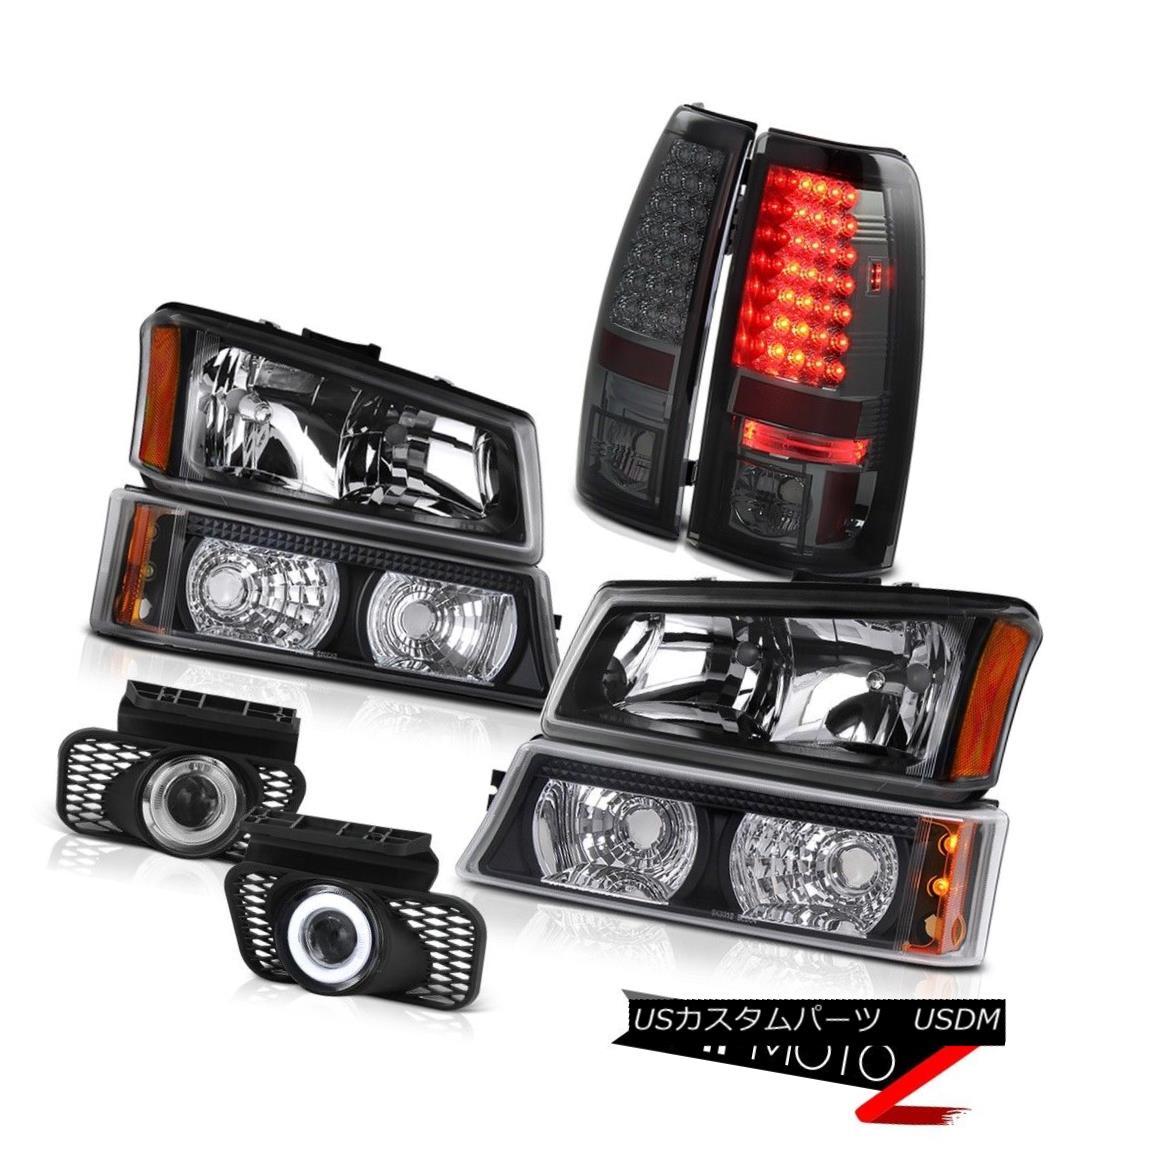 テールライト Black Headlamps Set Bumper Lamp LED Bulbs Tail Light Foglamp 2003 2004 Silverado ブラックヘッドランプセットバンパーランプLED電球テールライトFoglamp 2003 2004 Silverado